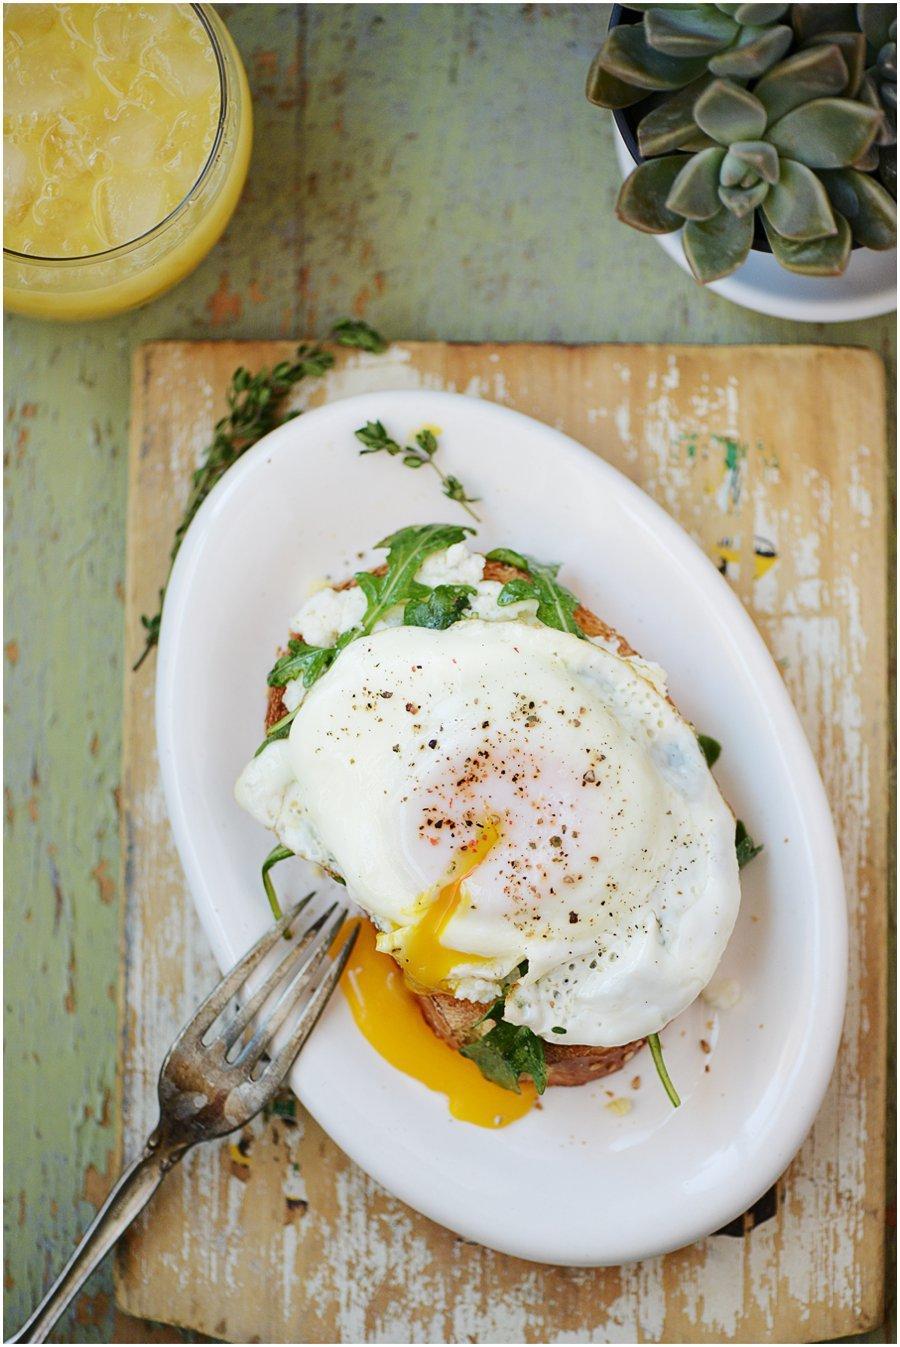 Egg on a toast with ricotta & arugula. Orange juice on the side